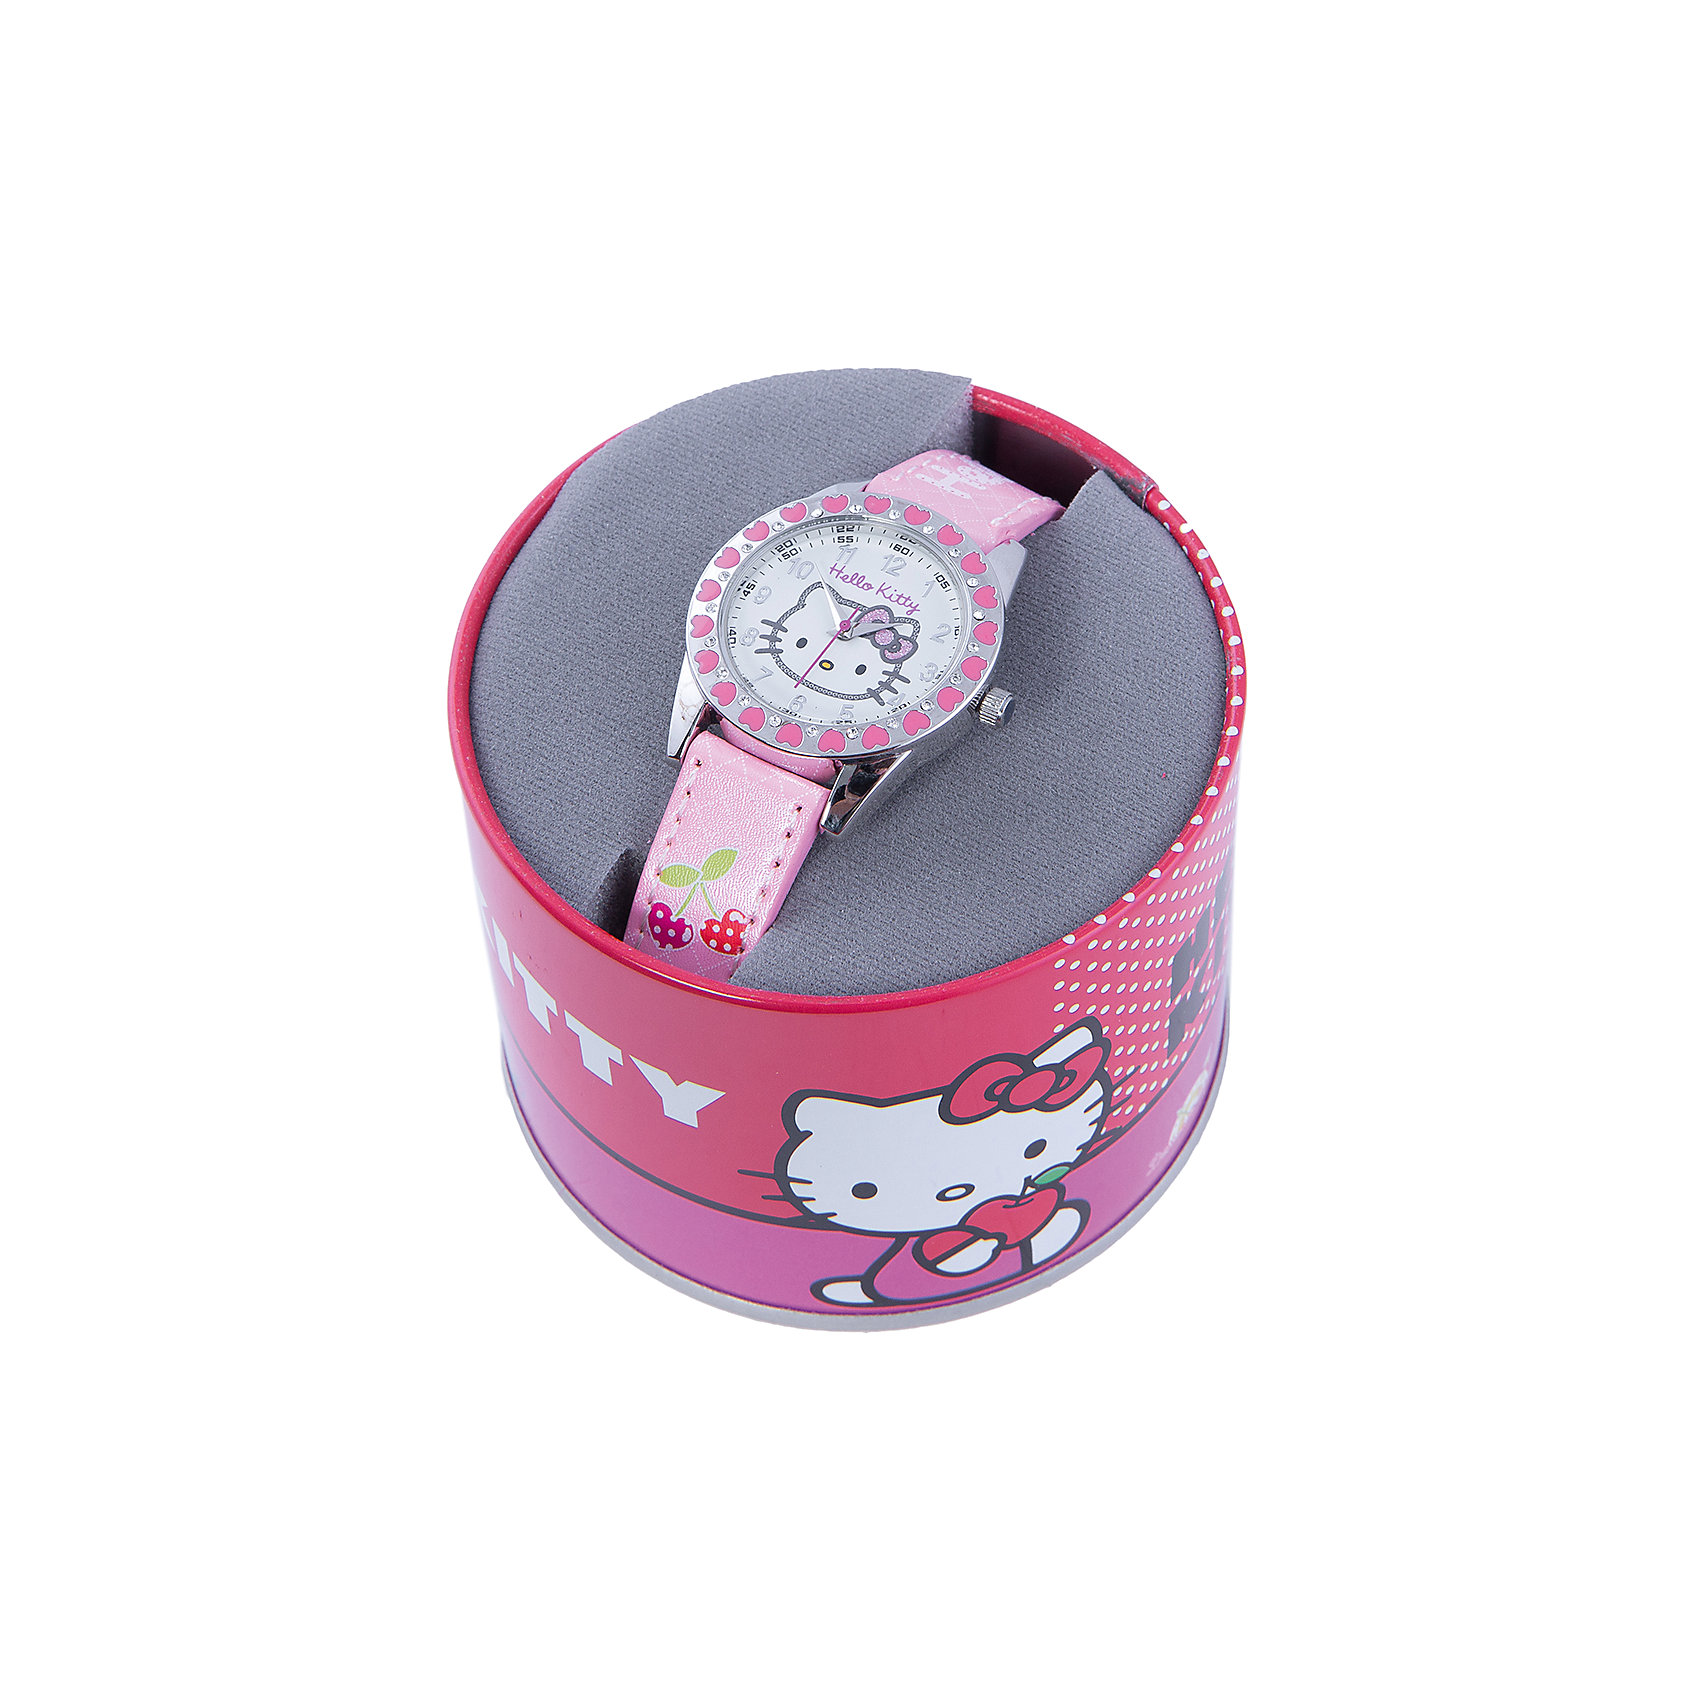 Часы наручные аналоговые, Hello KittyЭксклюзивные наручные аналоговые часы торговой марки Hello Kitty выполнены по индивидуальному дизайну ООО «Детское Время» и лицензии компании Sanrio. Обилие деталей - декоративных элементов (страз, мерцающих ремешков), надписей,  уникальных изображений - делают изделие тщательно продуманным творением мастеров. Часы имеют высококачественный японский кварцевый механизм и отличаются надежностью и точностью хода. Часы водоустойчивы и обладают достаточной герметичностью, чтобы спокойно перенести случайный и незначительный контакт с жидкостями (дождь, брызги), но они не предназначены для плавания или погружения в воду. Циферблат защищен от повреждений прочным минеральным стеклом. Корпус часов выполнен из стали,  задняя крышка из нержавеющей стали. Материал браслета: искусственная кожа. Единица товара упаковывается в стильную подарочную коробочку. Неповторимый стиль с изобилием насыщенных и в тоже время нежных гамм; надежность и прочность изделия позволяют говорить о нем только в превосходной степени!<br><br>Ширина мм: 170<br>Глубина мм: 157<br>Высота мм: 67<br>Вес г: 117<br>Возраст от месяцев: 36<br>Возраст до месяцев: 2147483647<br>Пол: Женский<br>Возраст: Детский<br>SKU: 4424069